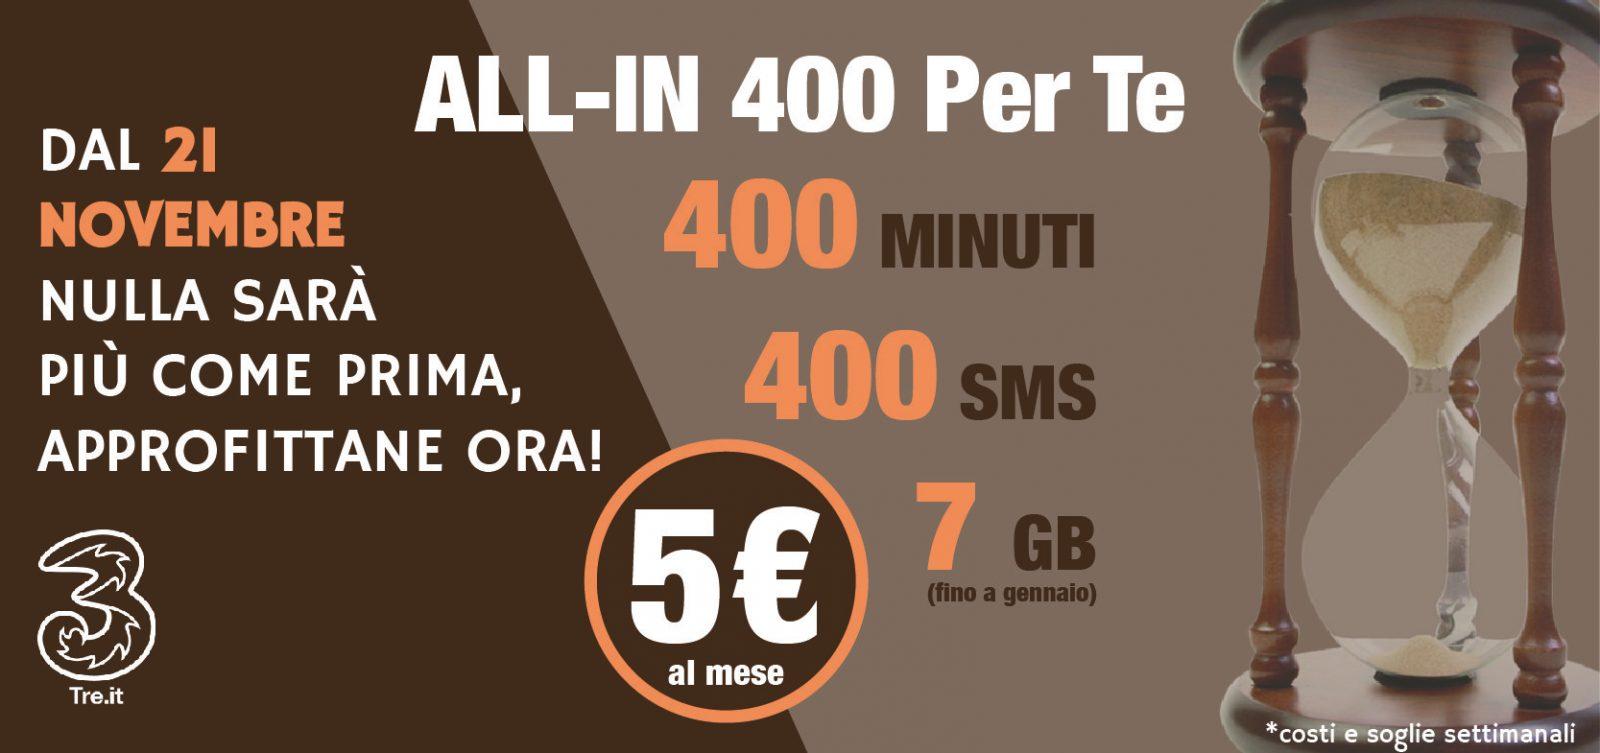 Ultimi giorni per attivare ALL-IN 400 per te. 400 minuti, 400 Sms e 4 Giga di Internet a 5 € al mese